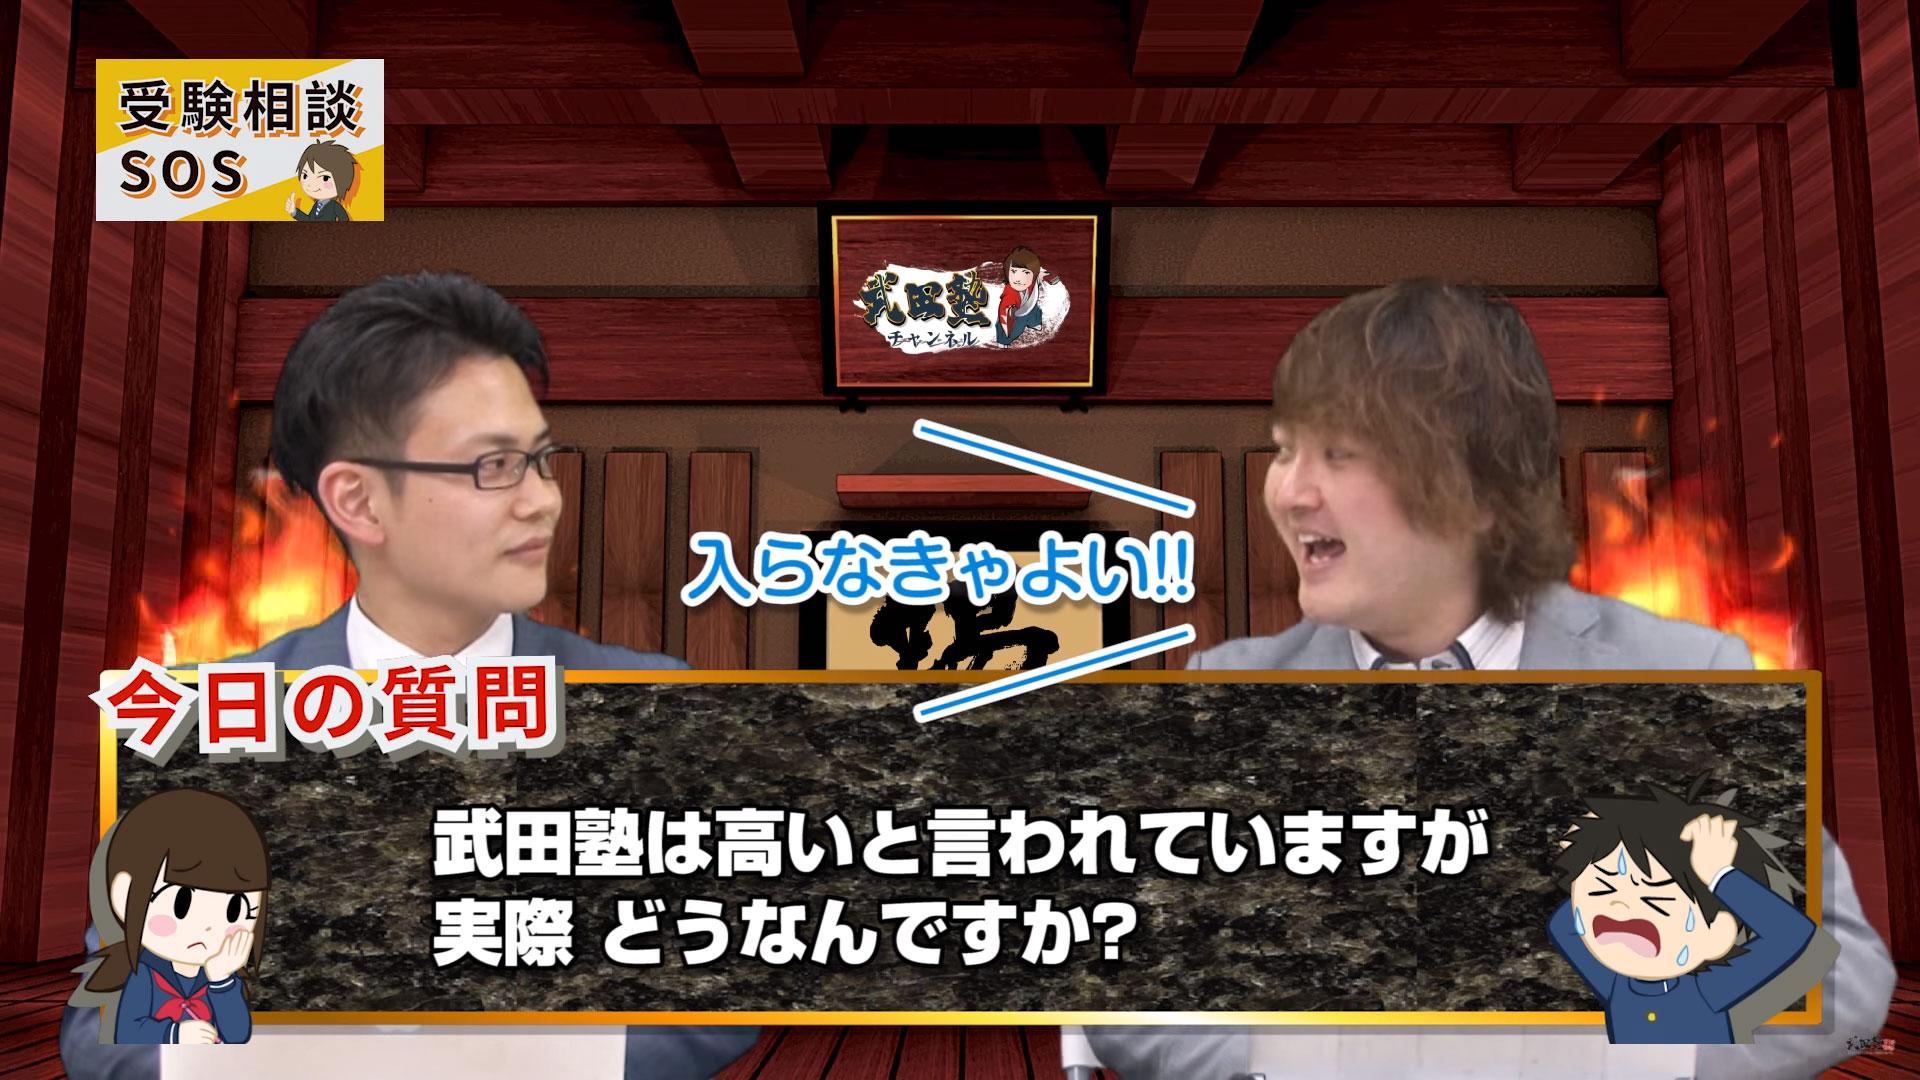 「武田塾は高いといわれていますが」